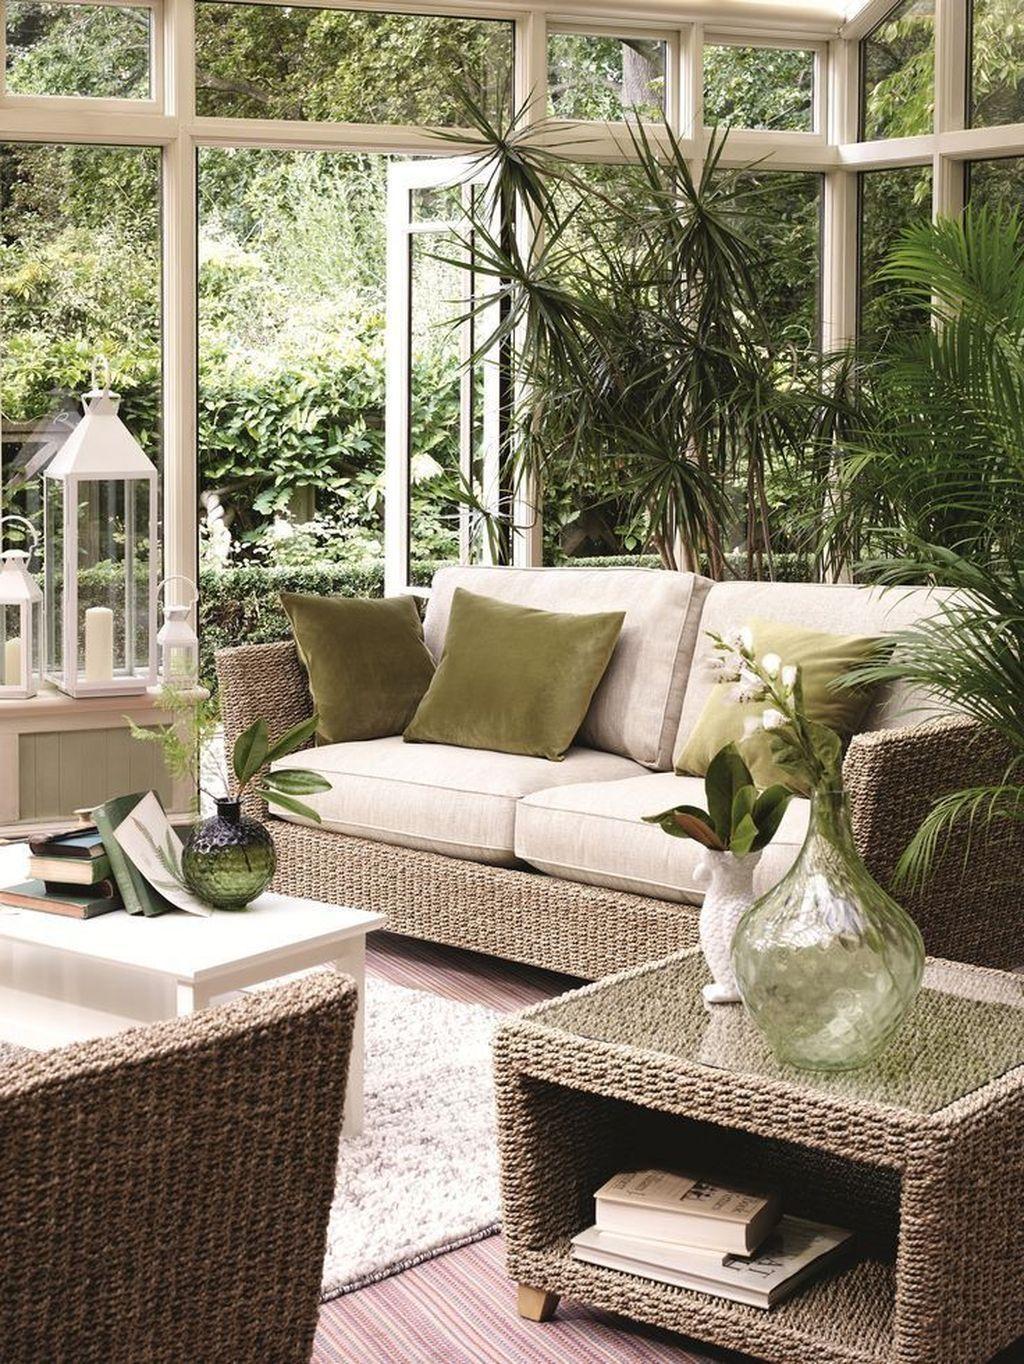 Nice 36 The Best Indoor Wicker Furniture Ideas In 2020 Conservatory Interior Indoor Wicker Furniture Conservatory Decor